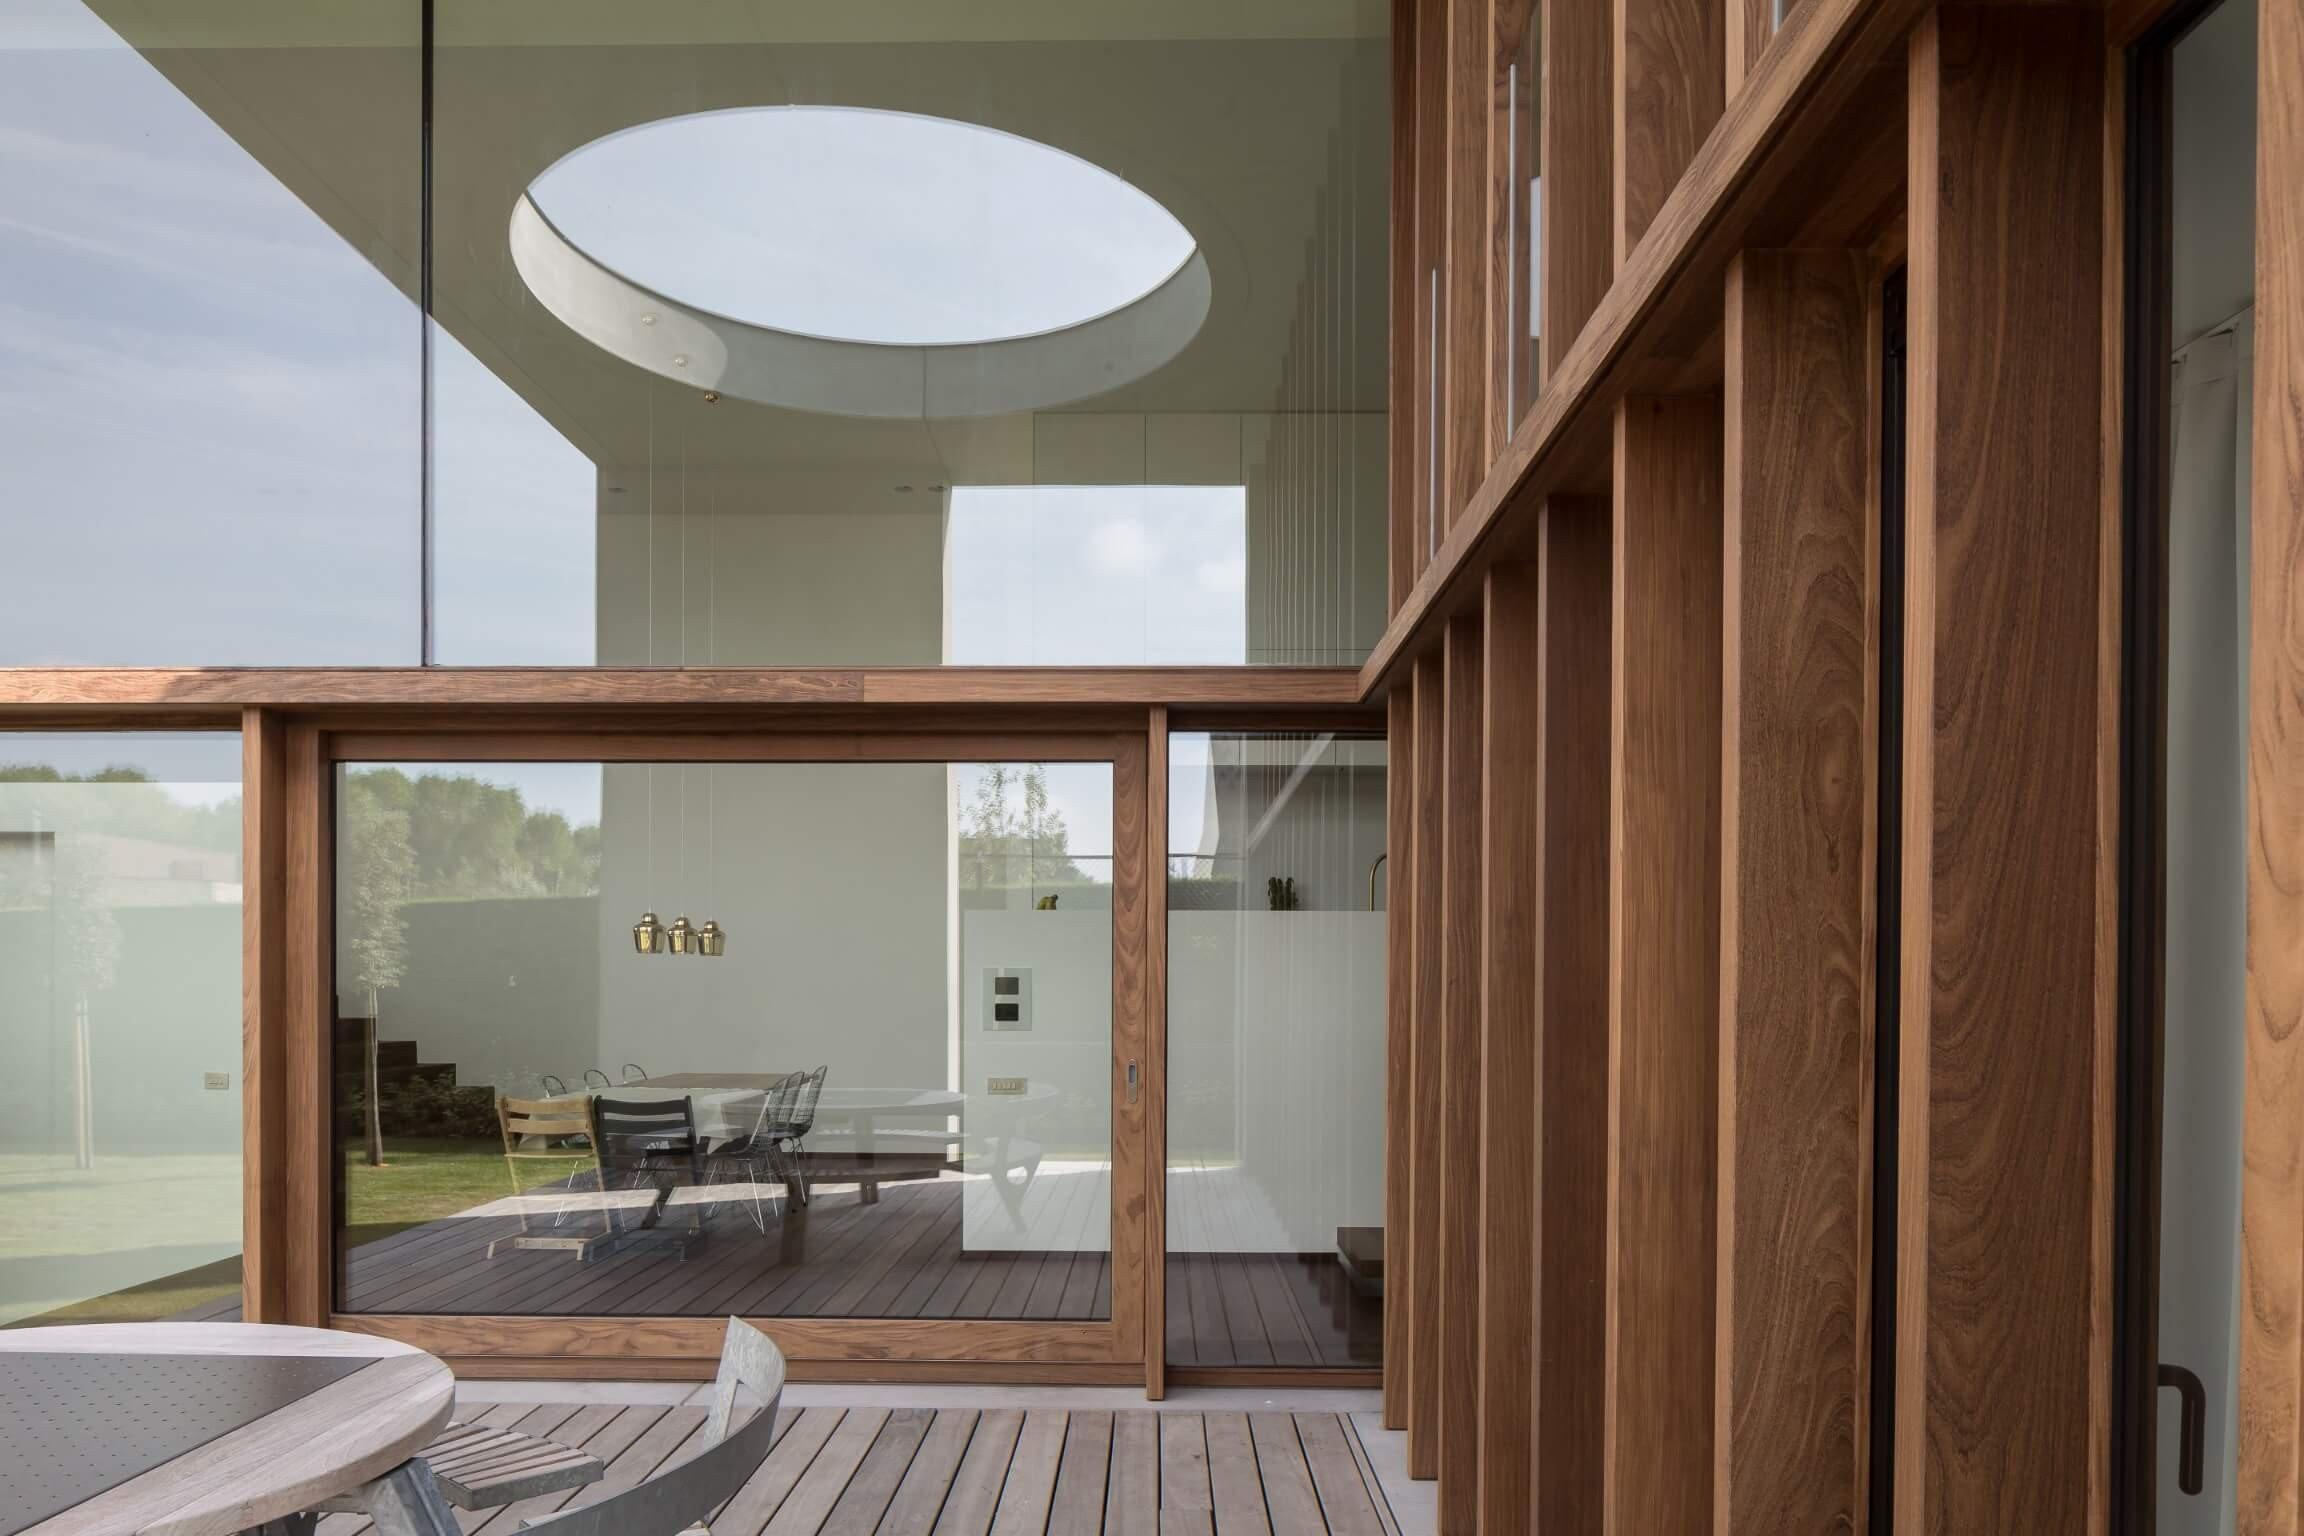 Rietveldprojects.be-HouseMC-villa-design-architectuur-kust38.jpg